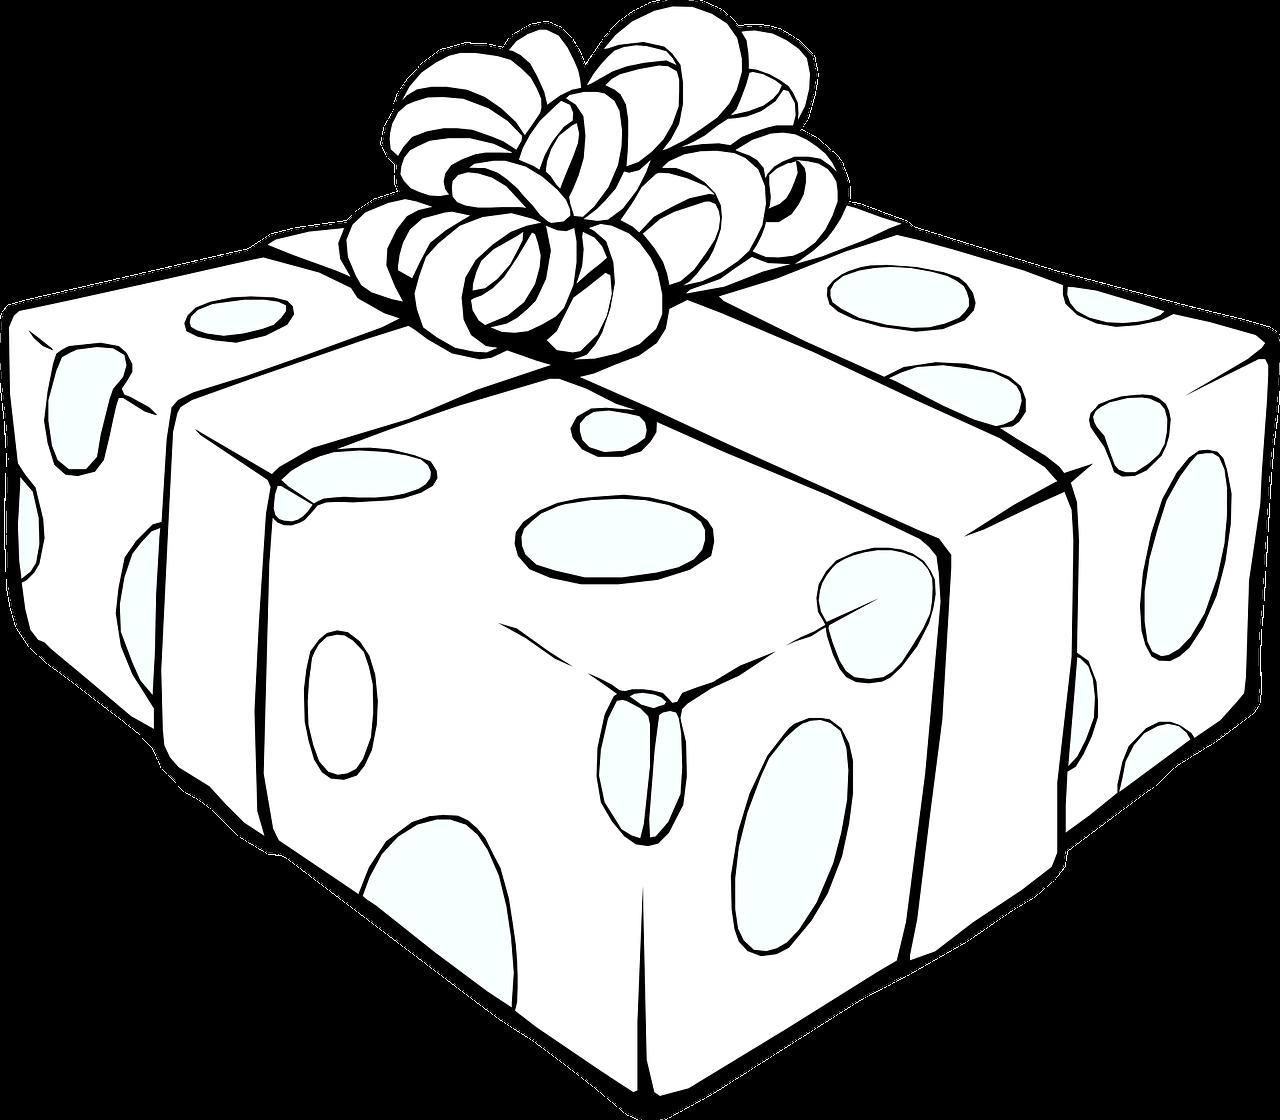 Деньги картинках, картинки подарочные коробки раскраска